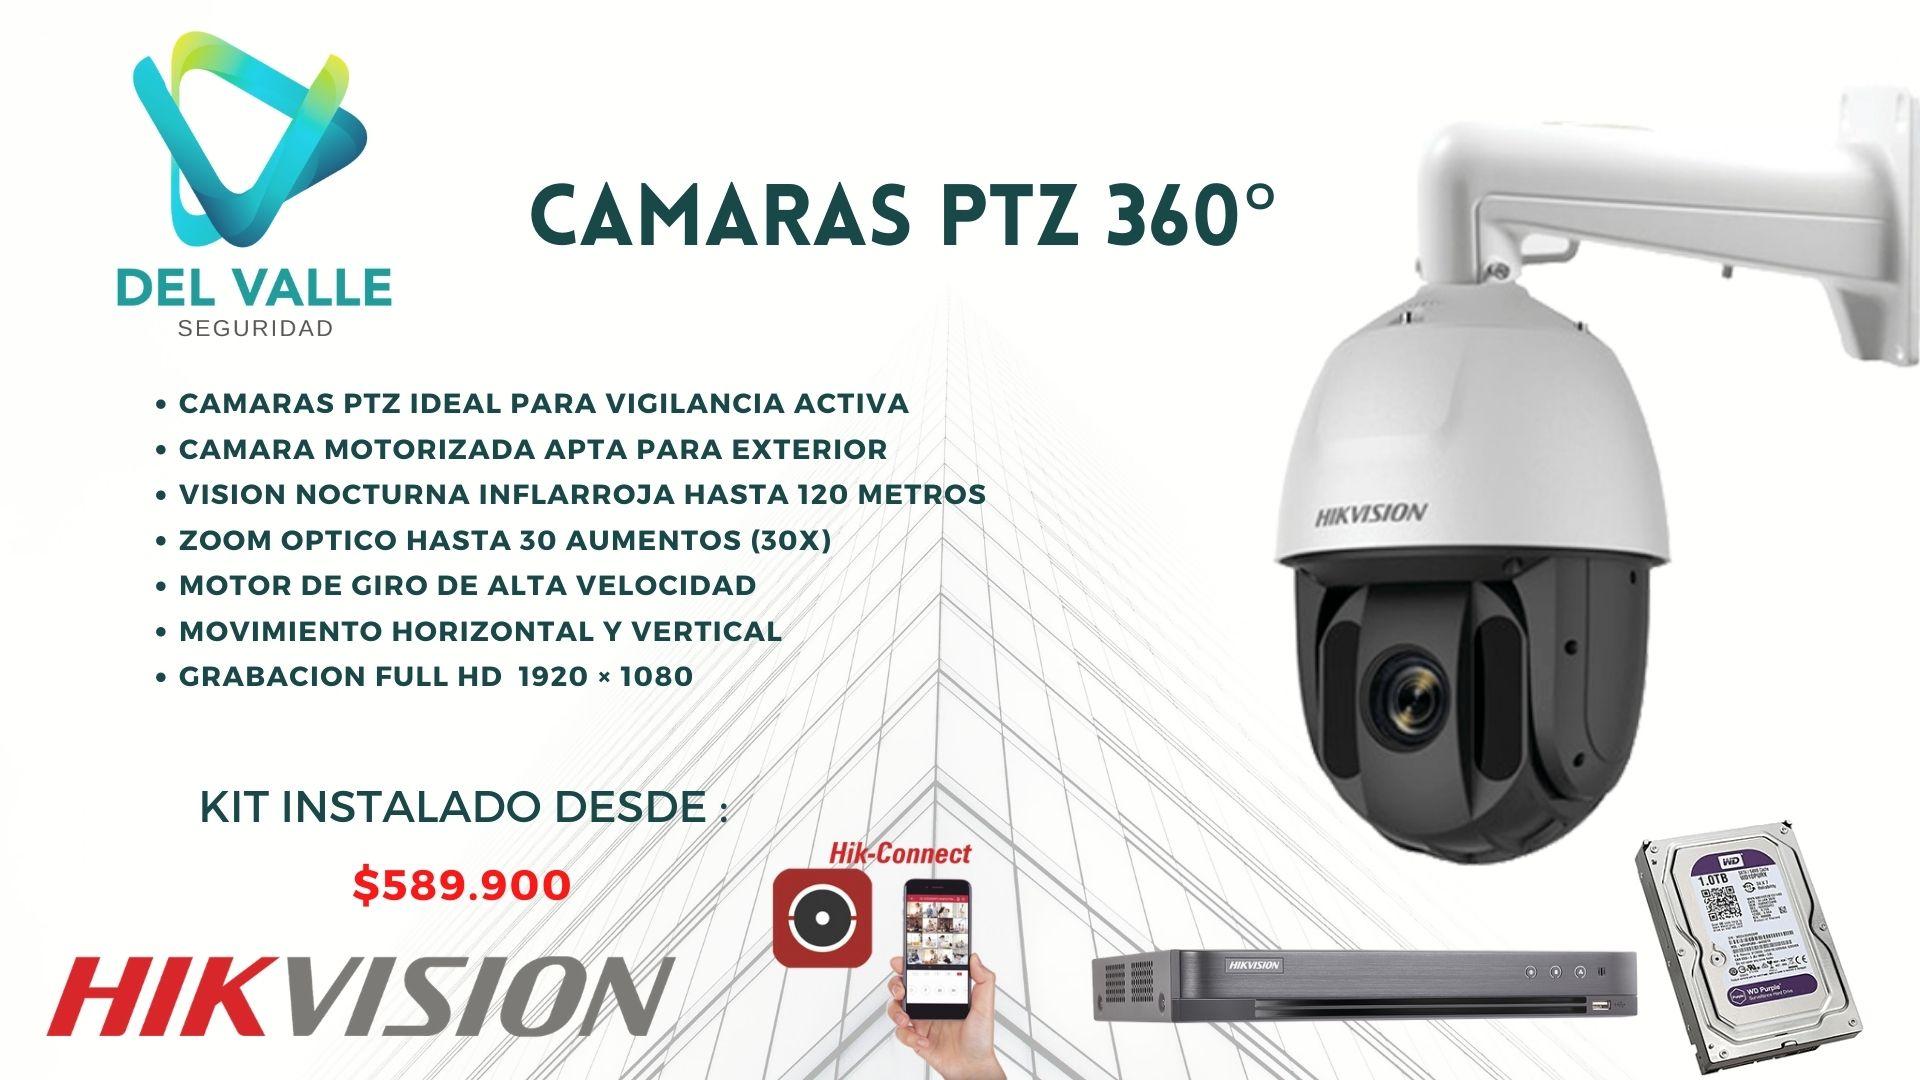 CAMARA PTZ 360